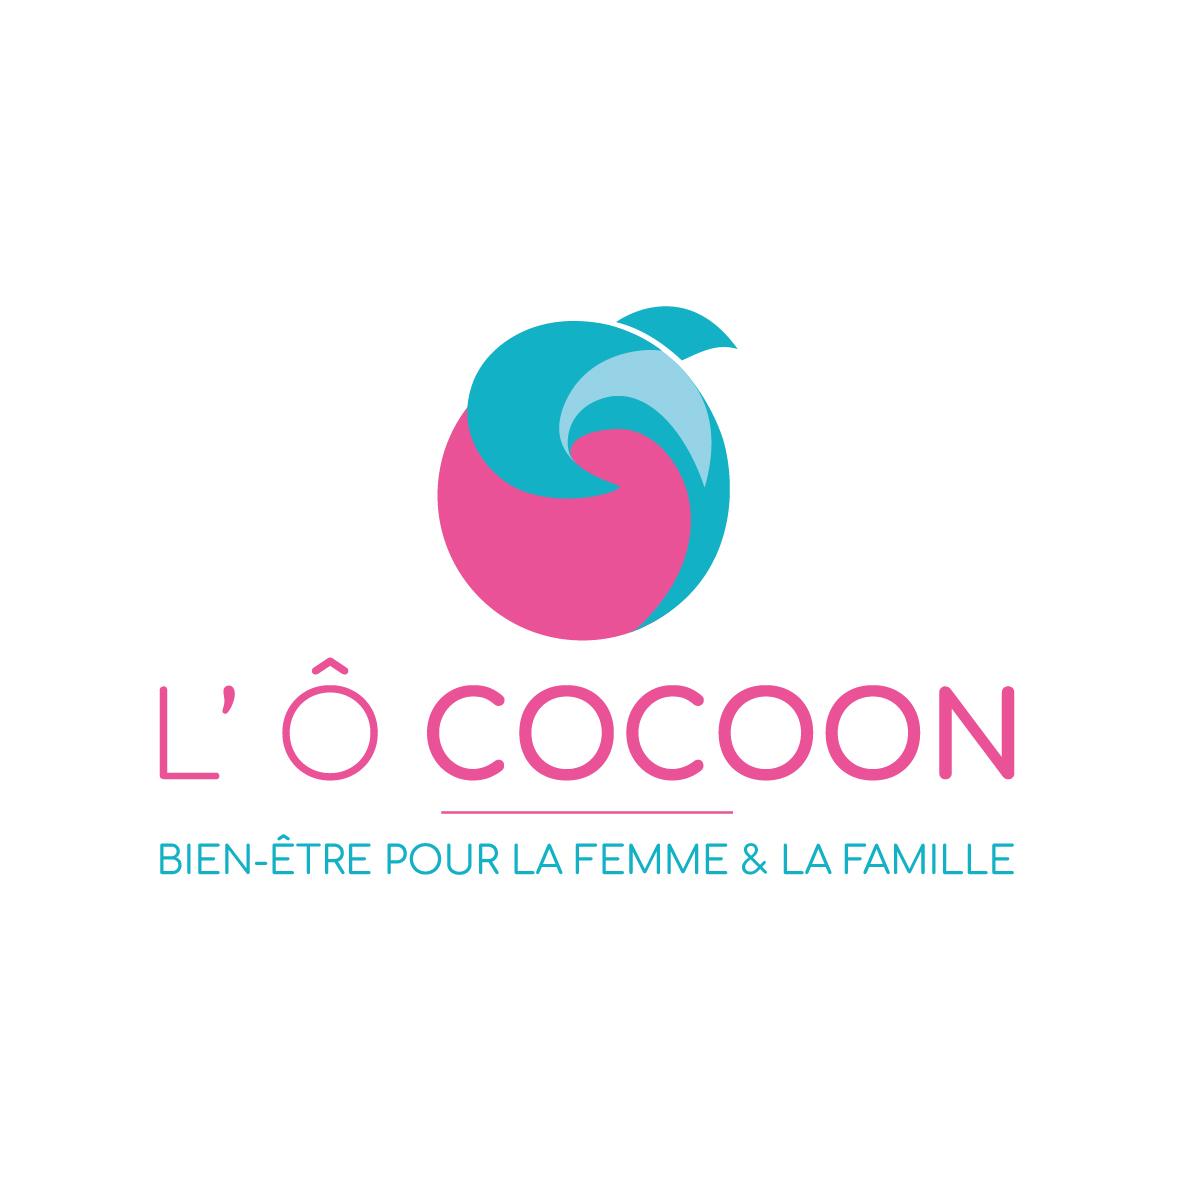 O COCOON_LOGO COULEUR_RVB_LOGO ENTIER.jpg